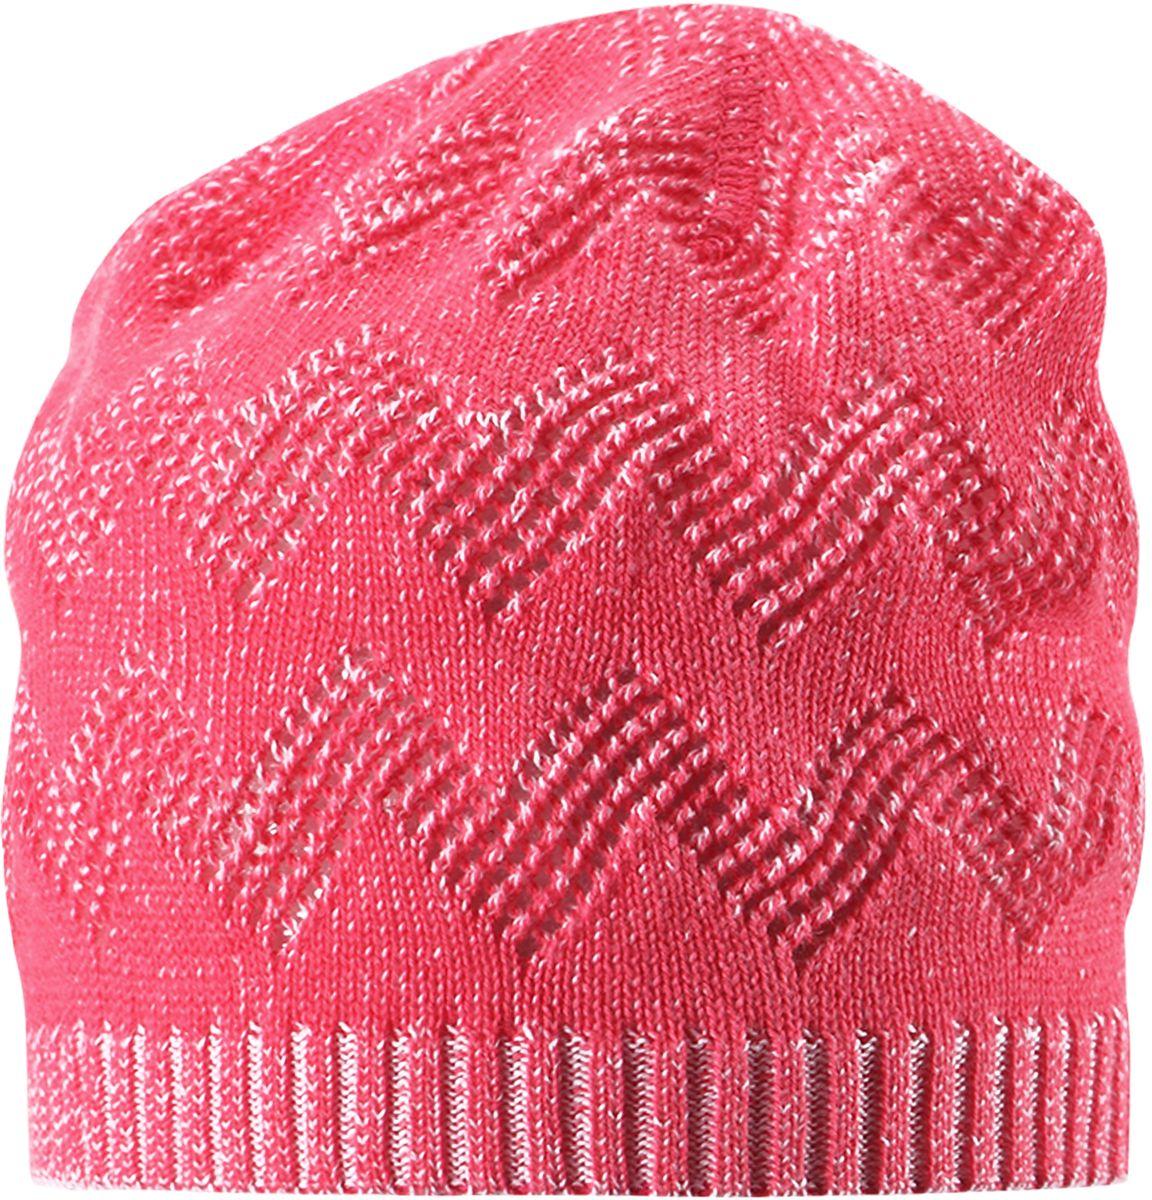 Шапка для девочки Reima Piranja, цвет: розовый. 5285283360. Размер 565285283360Детская шапка станет превосходным выбором в межсезонье, в ней можно и поиграть во дворе, и прогуляться по городу. Изготовлена из мягкого и комфортного вязаного хлопка. Эта симпатичная облегченная модель без подкладки идеально подходит для солнечной погоды.